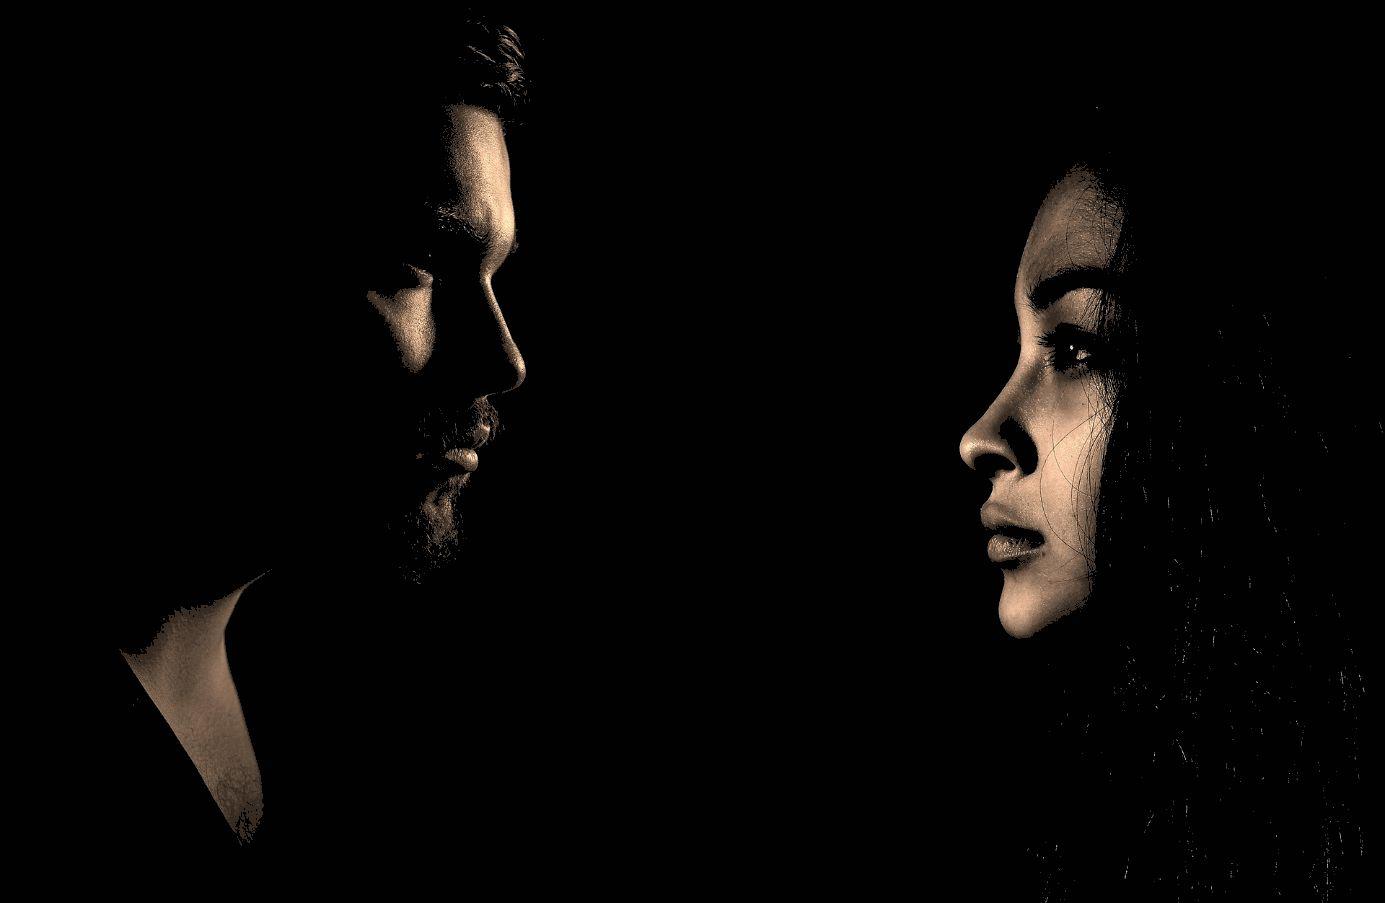 Mann und Frau vor dunklem Hintergrund